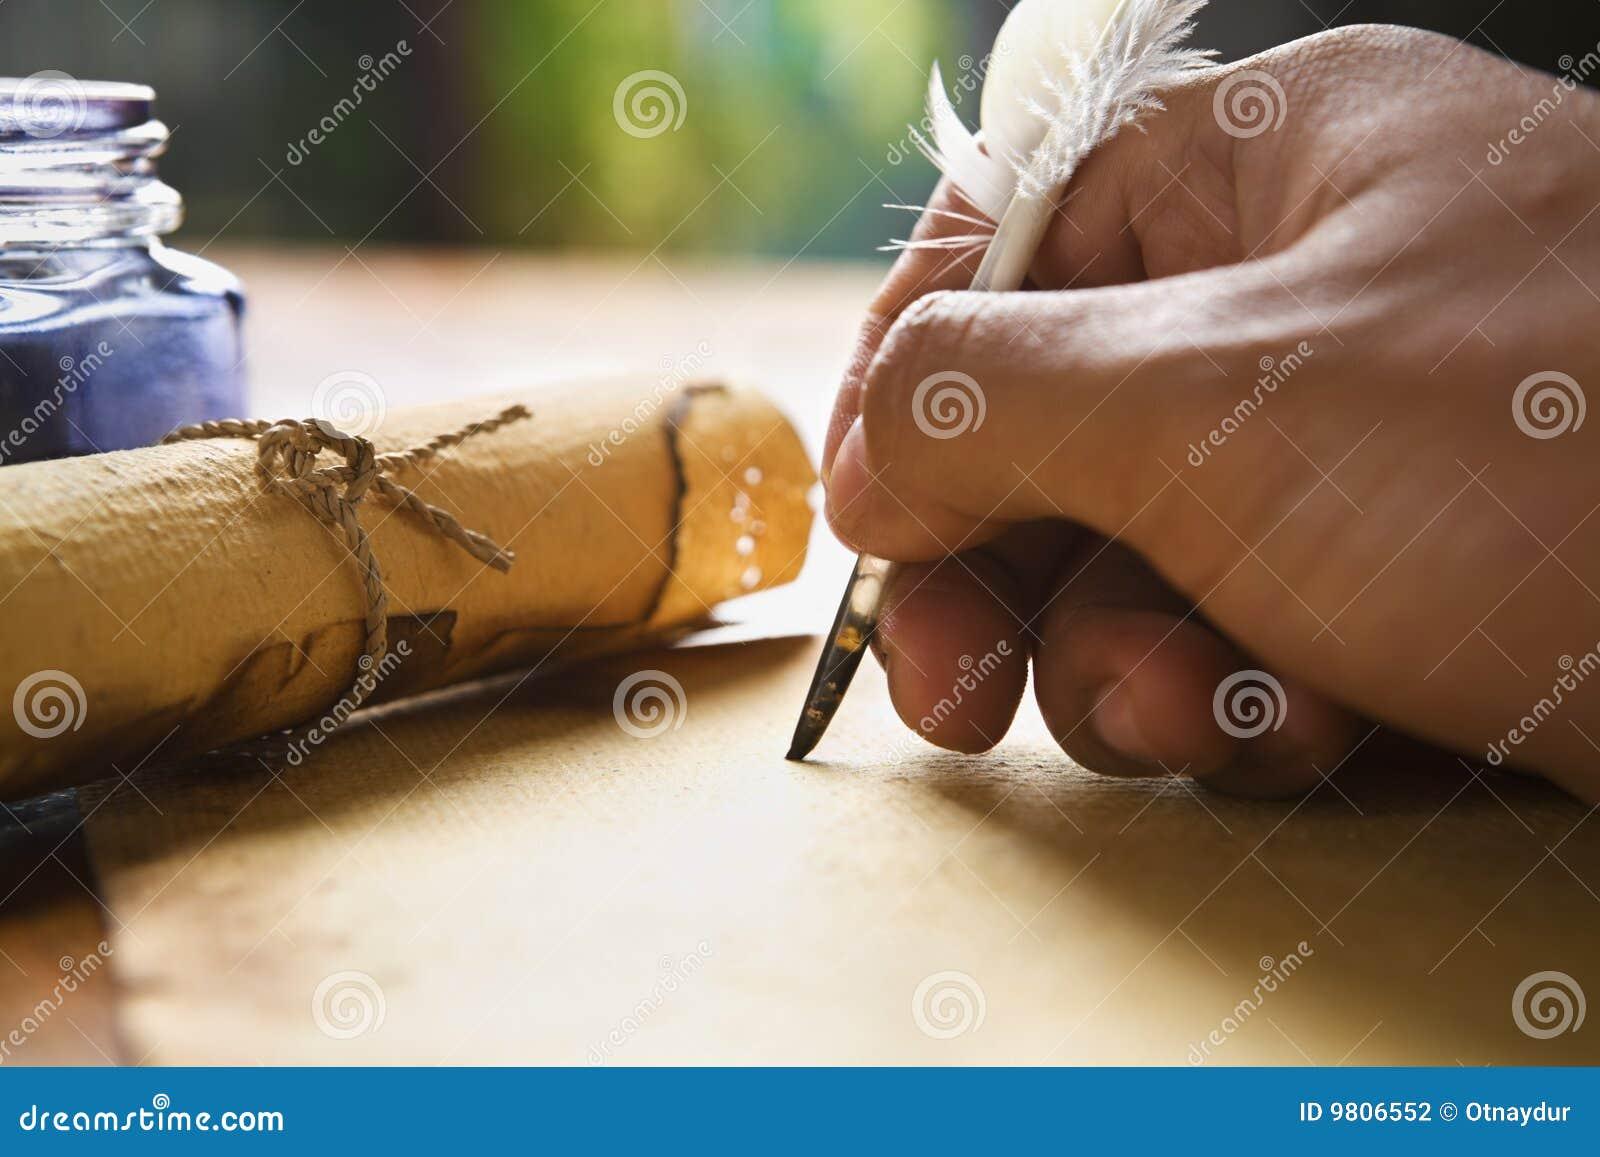 Handpennquill genom att använda writing